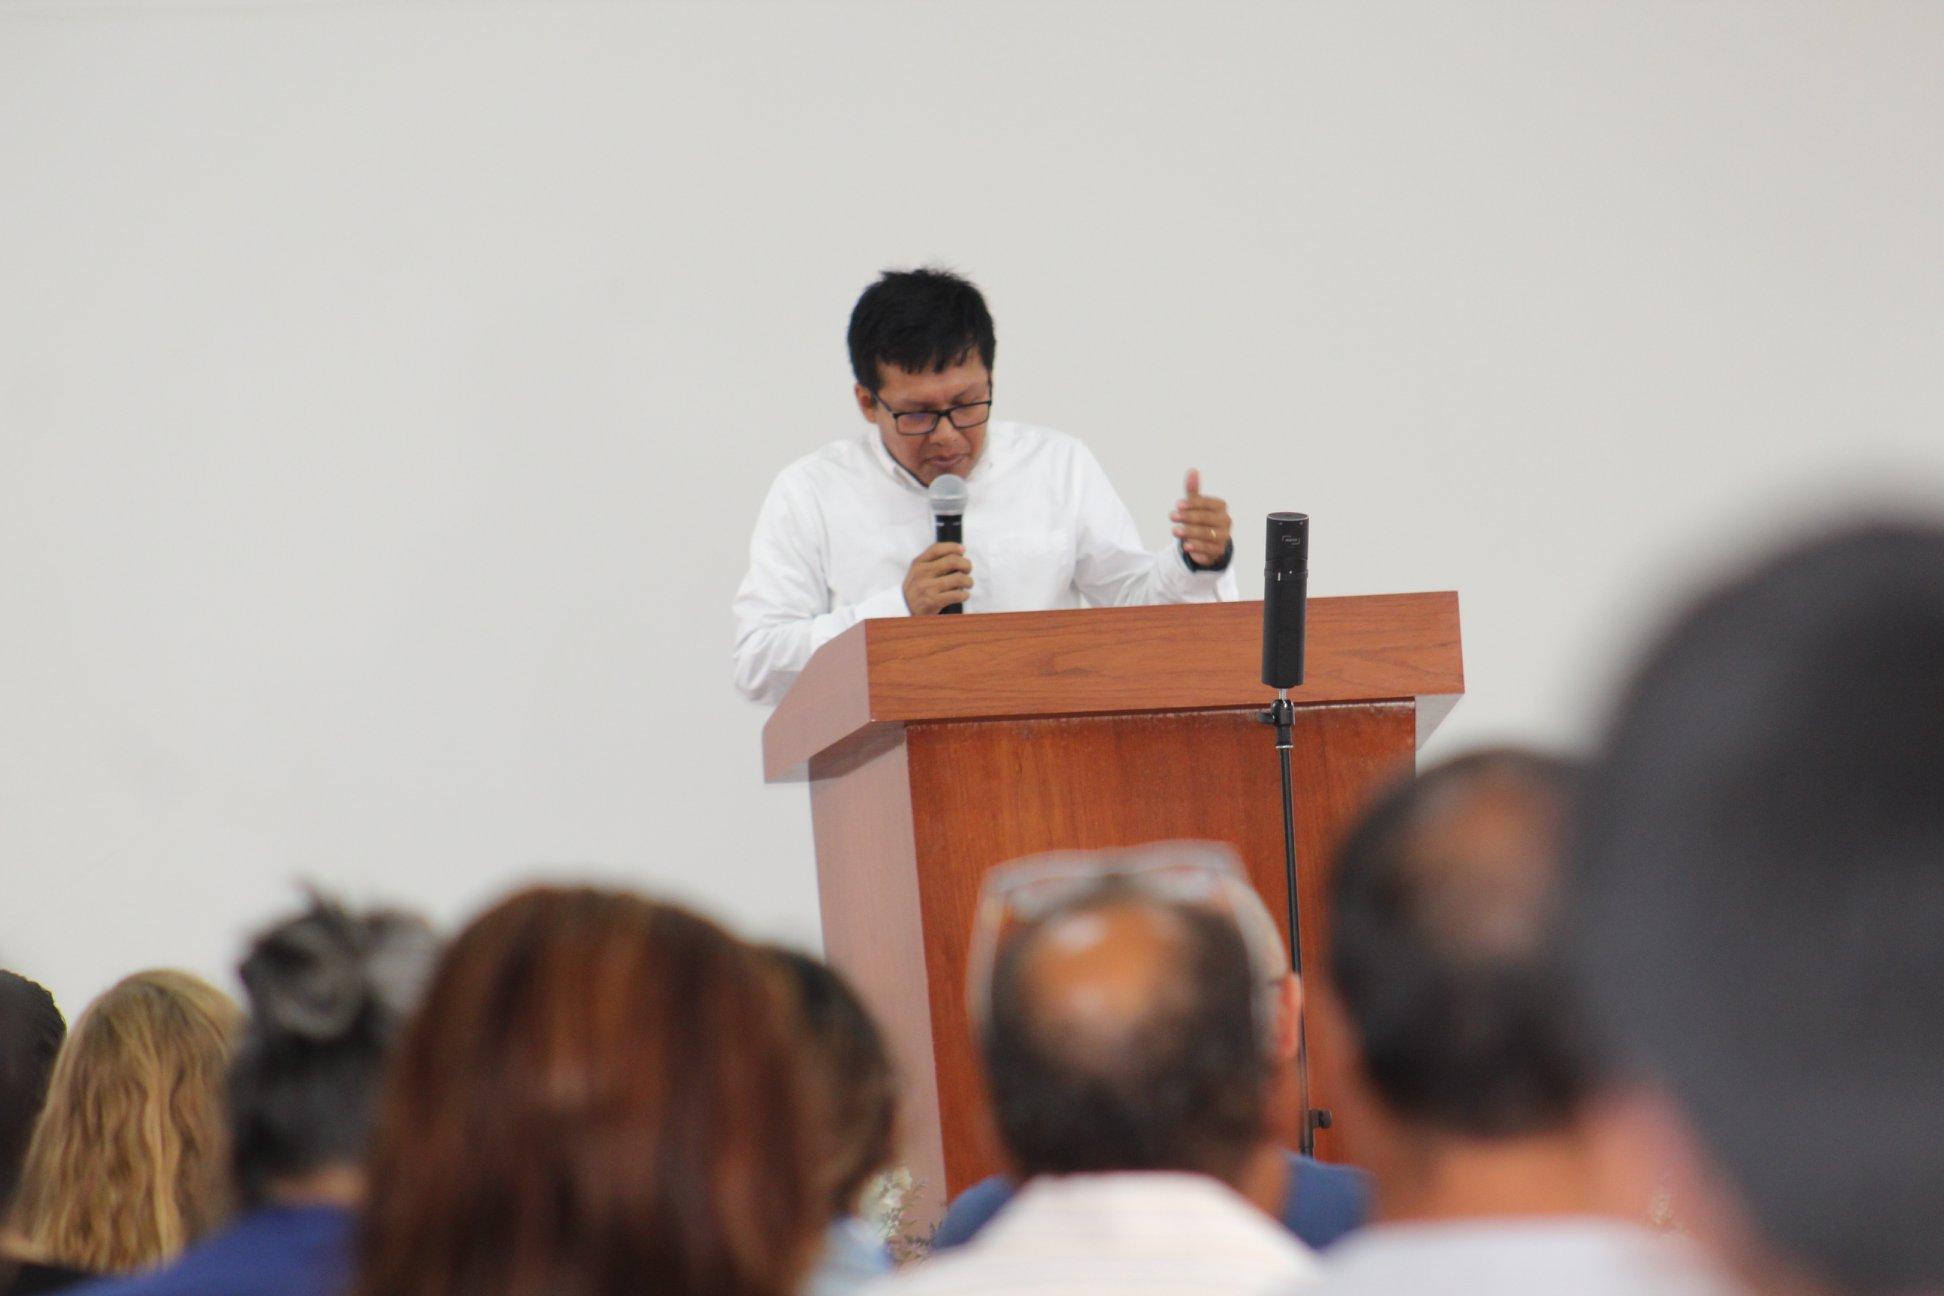 Eduardo-barranco preaching